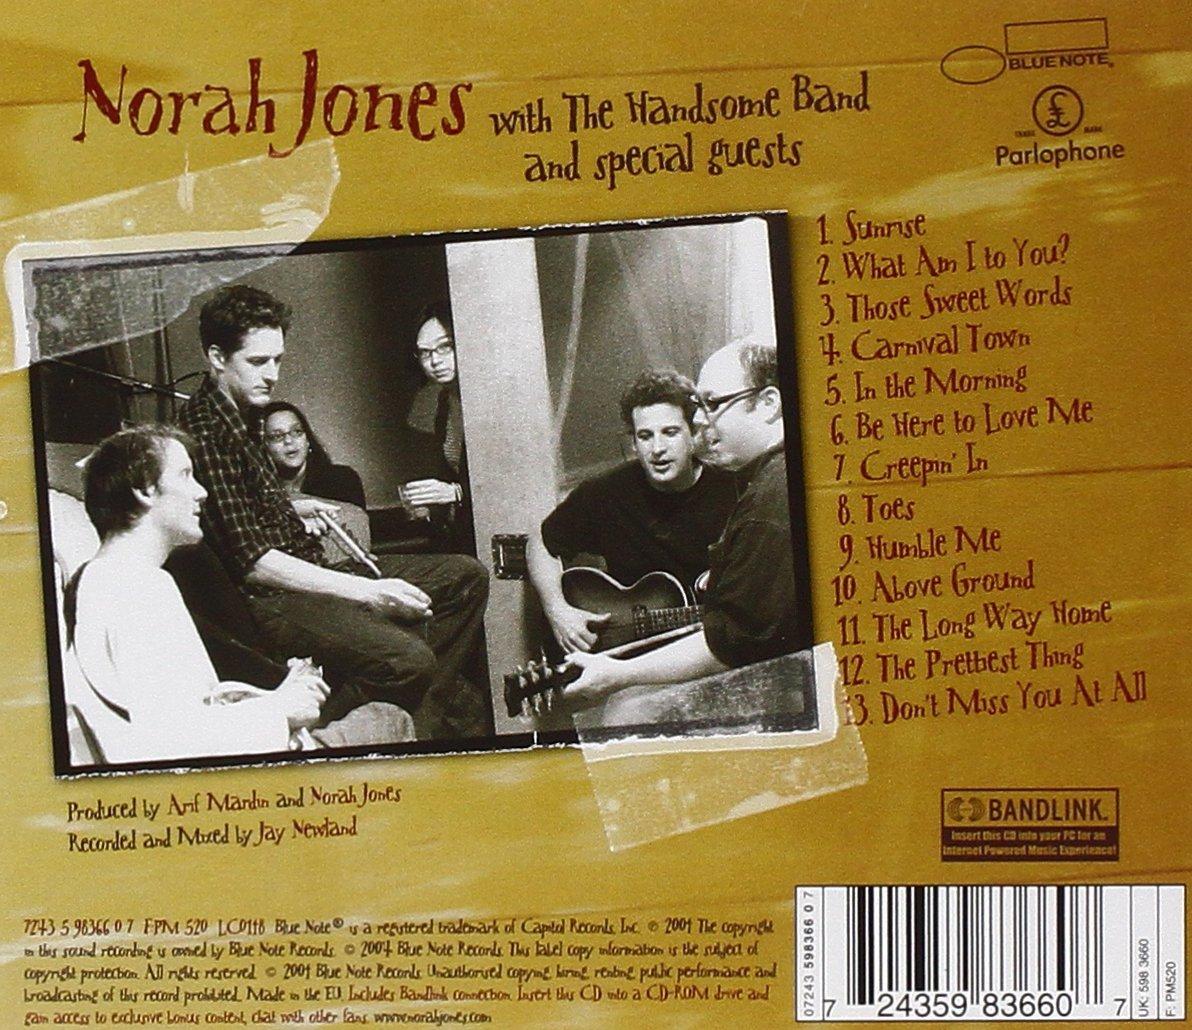 Norah jones christmas album starbucks card – Christmas for kids 2018